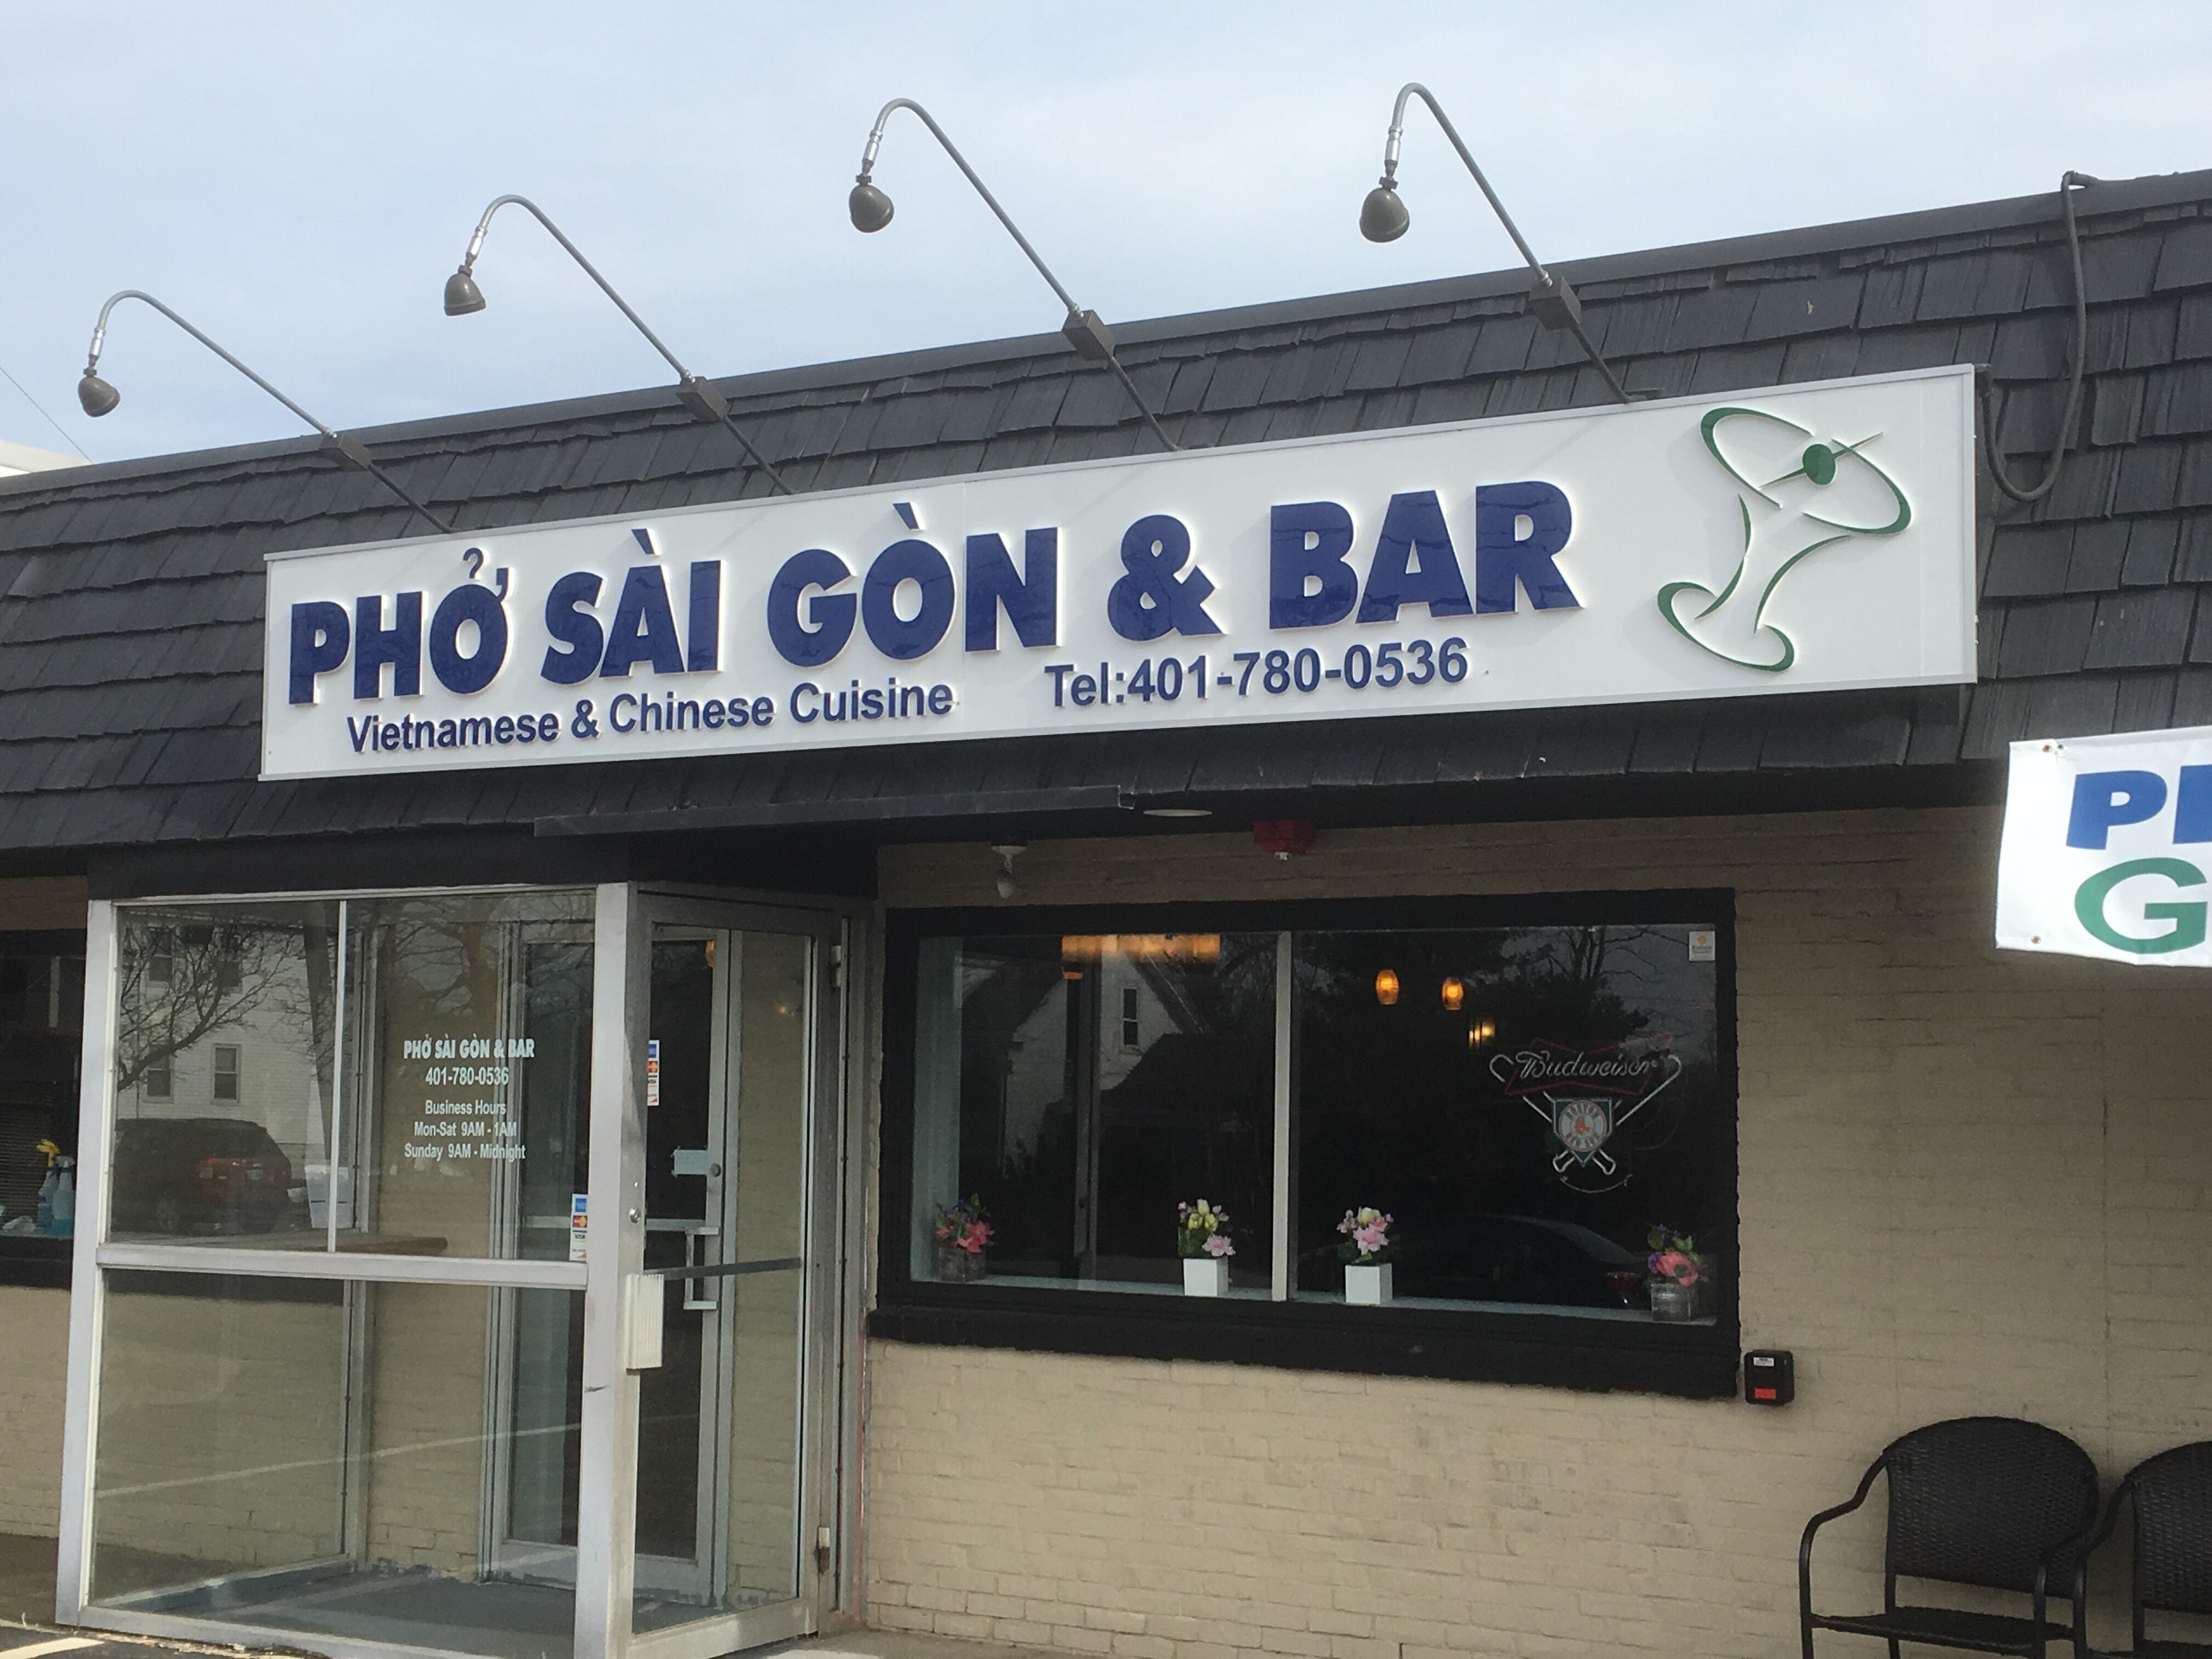 Pho Saigon and Bar image 3